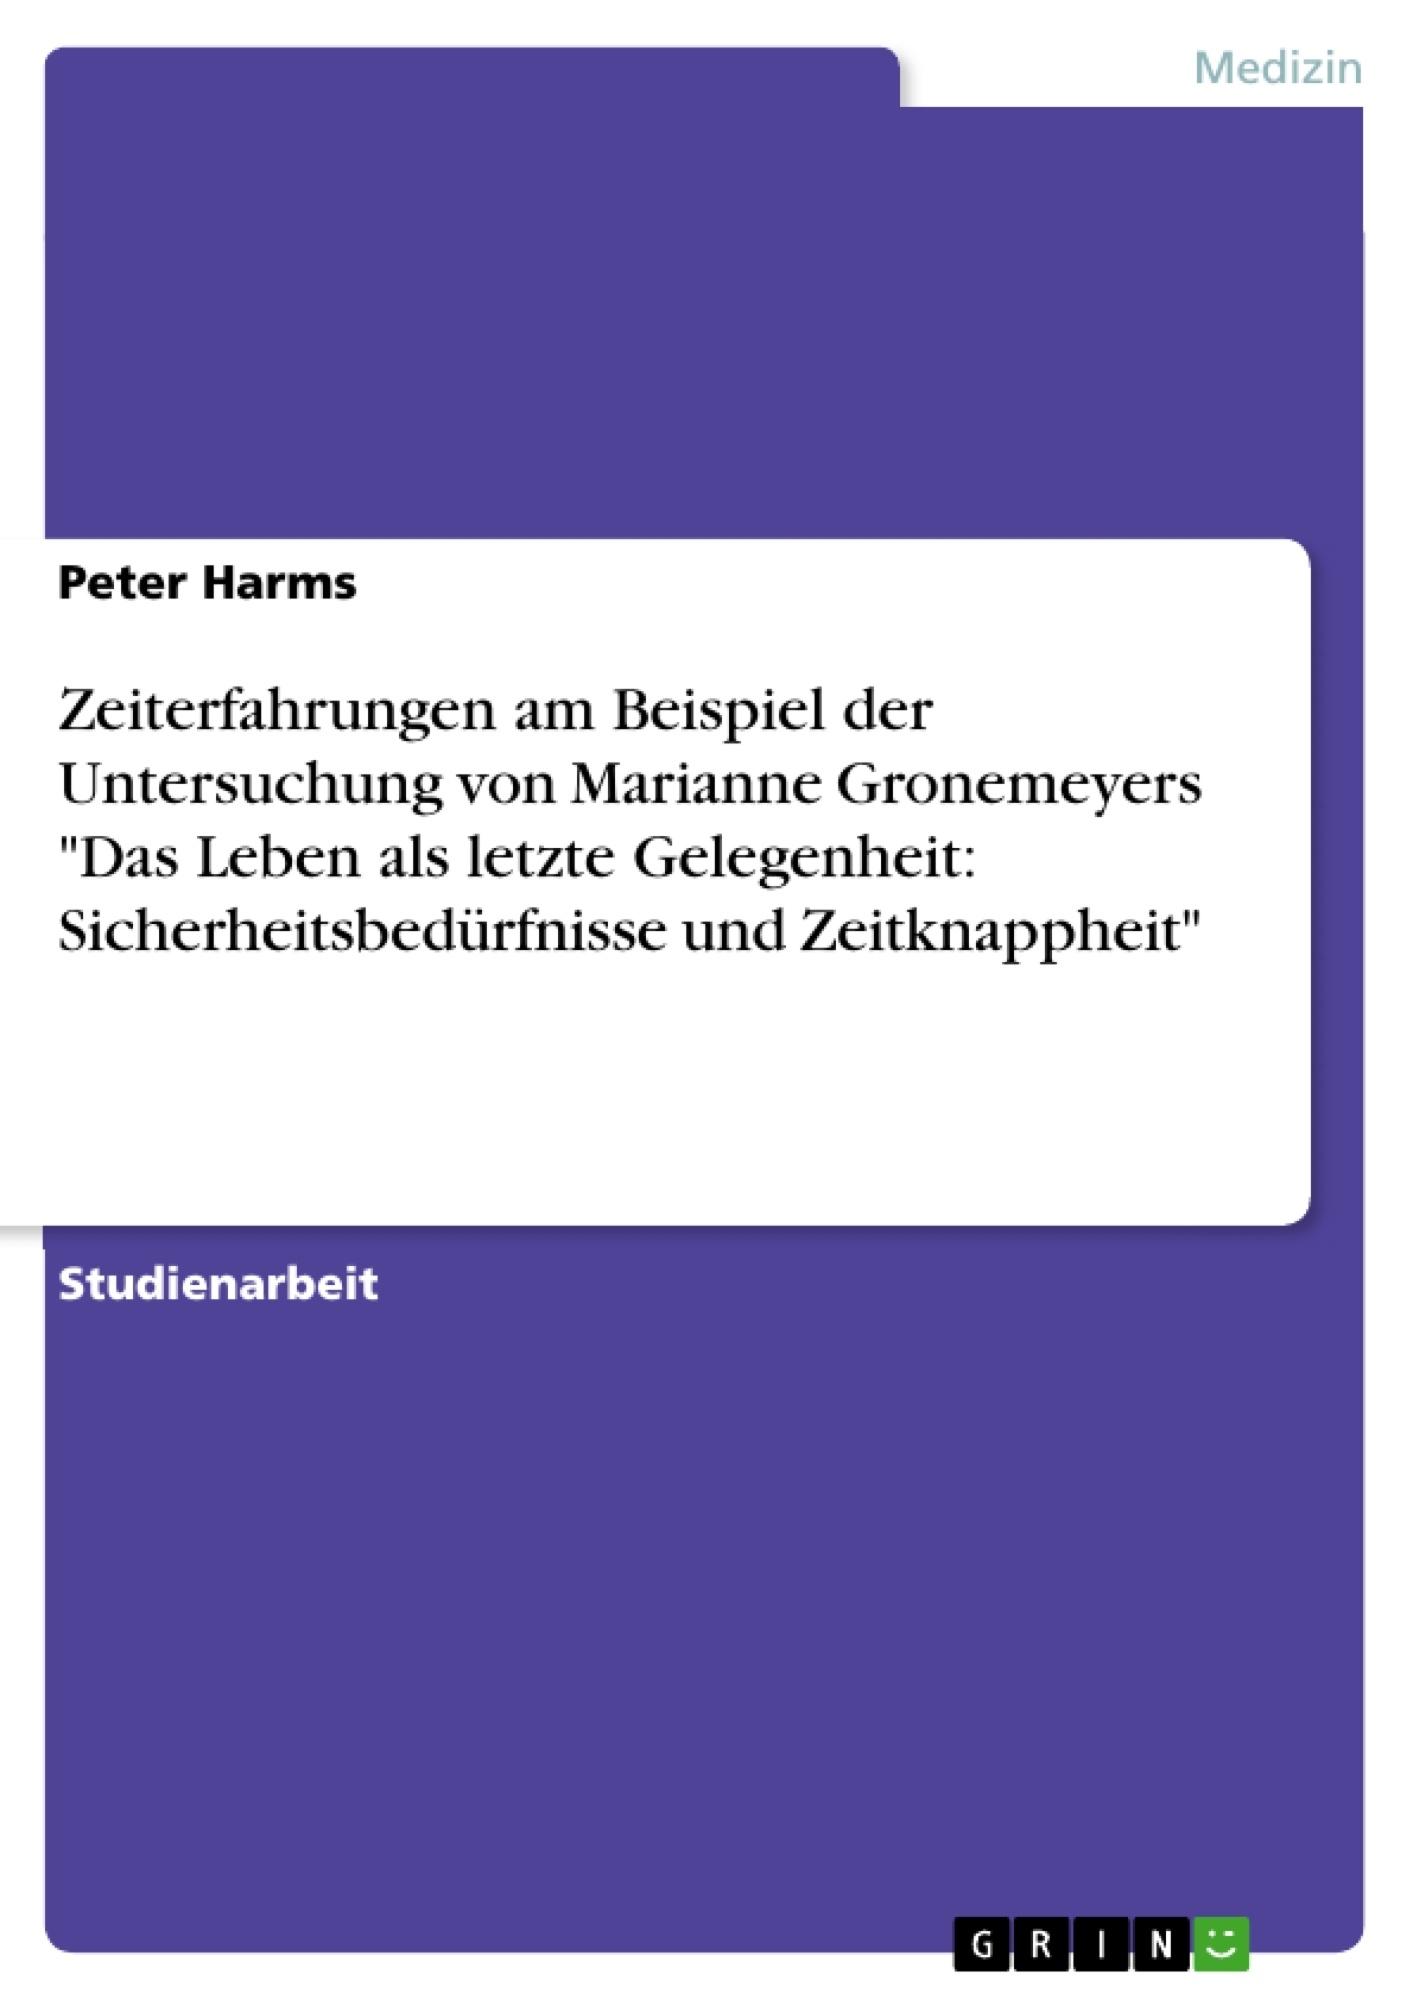 """Titel: Zeiterfahrungen am Beispiel der Untersuchung von Marianne Gronemeyers """"Das Leben als letzte Gelegenheit: Sicherheitsbedürfnisse und Zeitknappheit"""""""